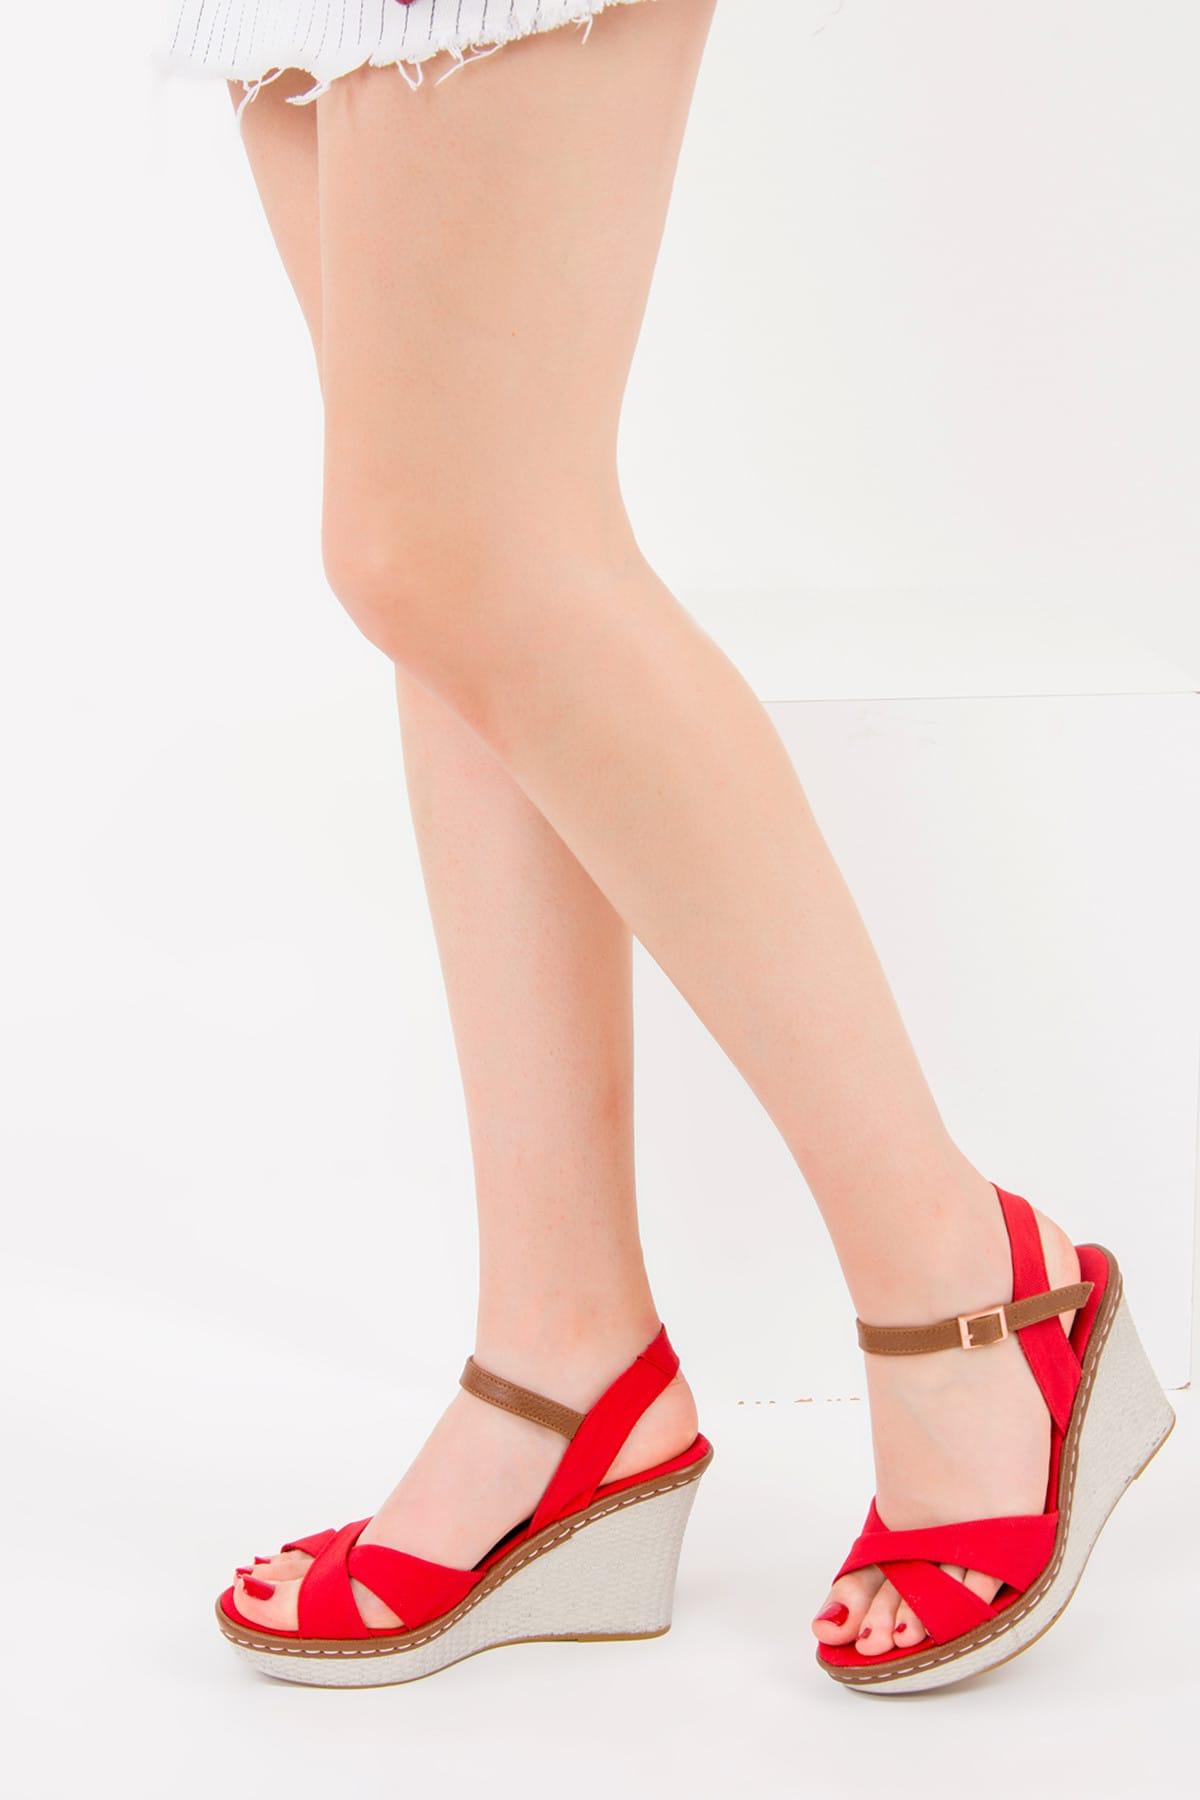 Fox Shoes Kırmızı Kadın Dolgu Topuklu Ayakkabı 9674040205 1